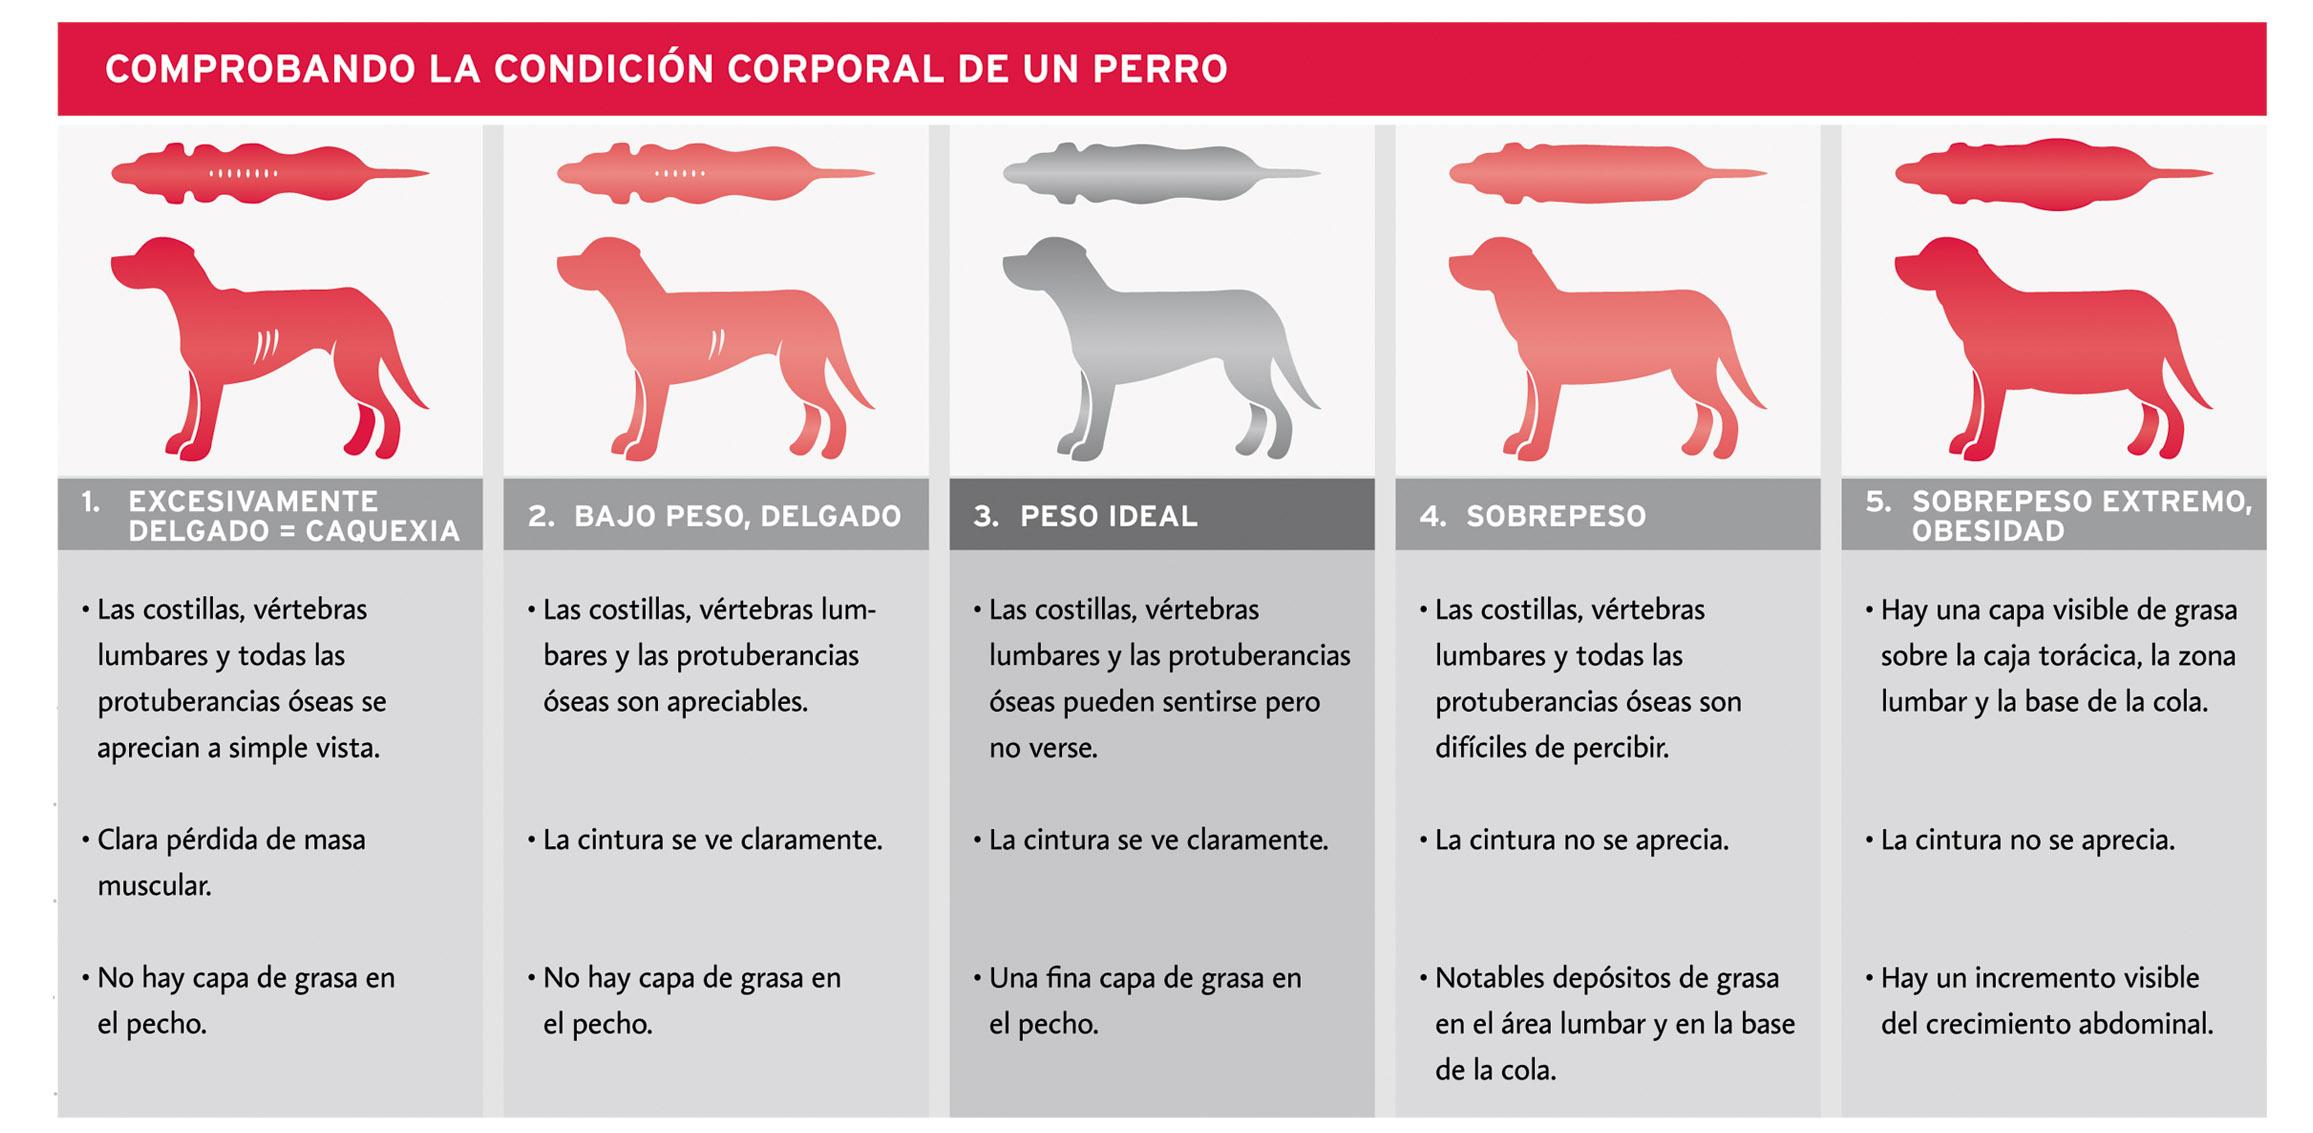 Condición corporal de un perro